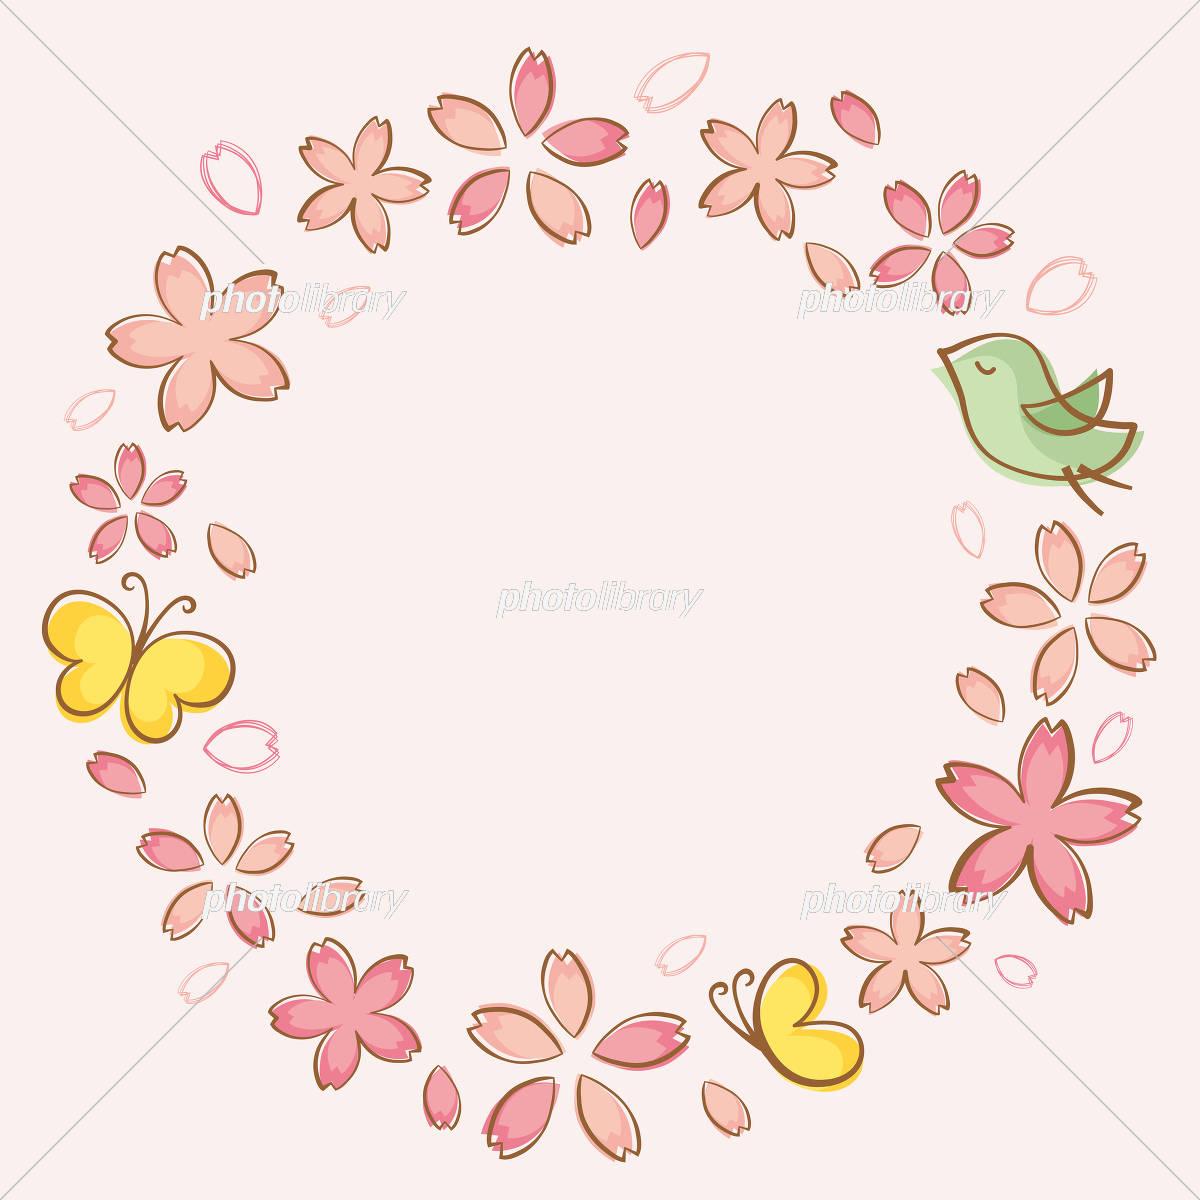 手書き風の桜のフレーム素材 イラスト素材 [ 5450626 ] - フォトライブ